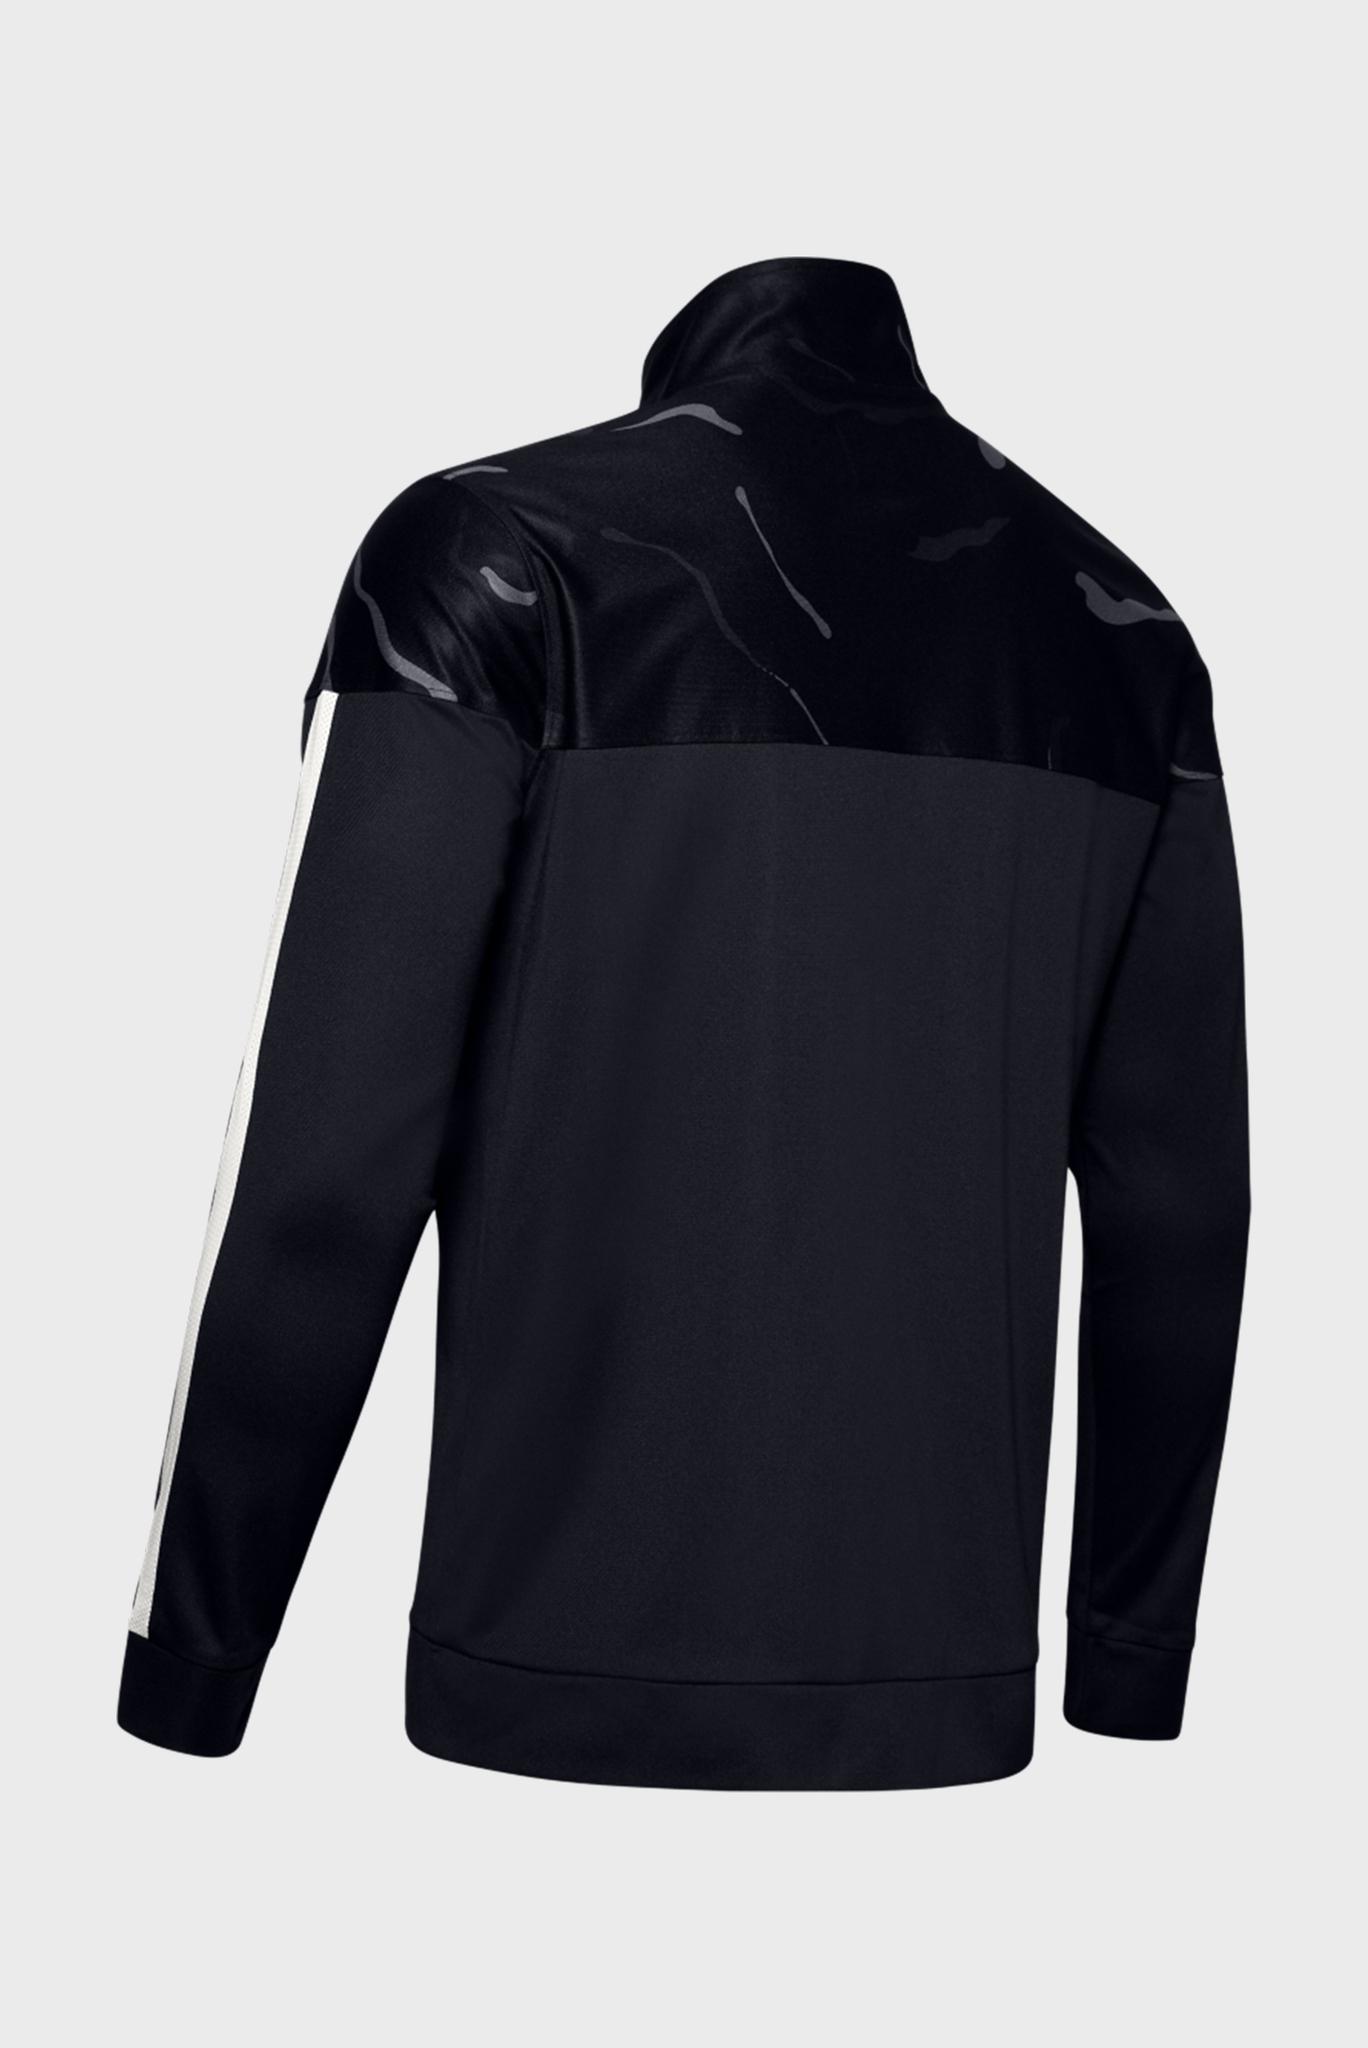 Мужская черная спортивная кофта SPORTSTYLE PIQUE PRINTED TRACK JACKET Under Armour